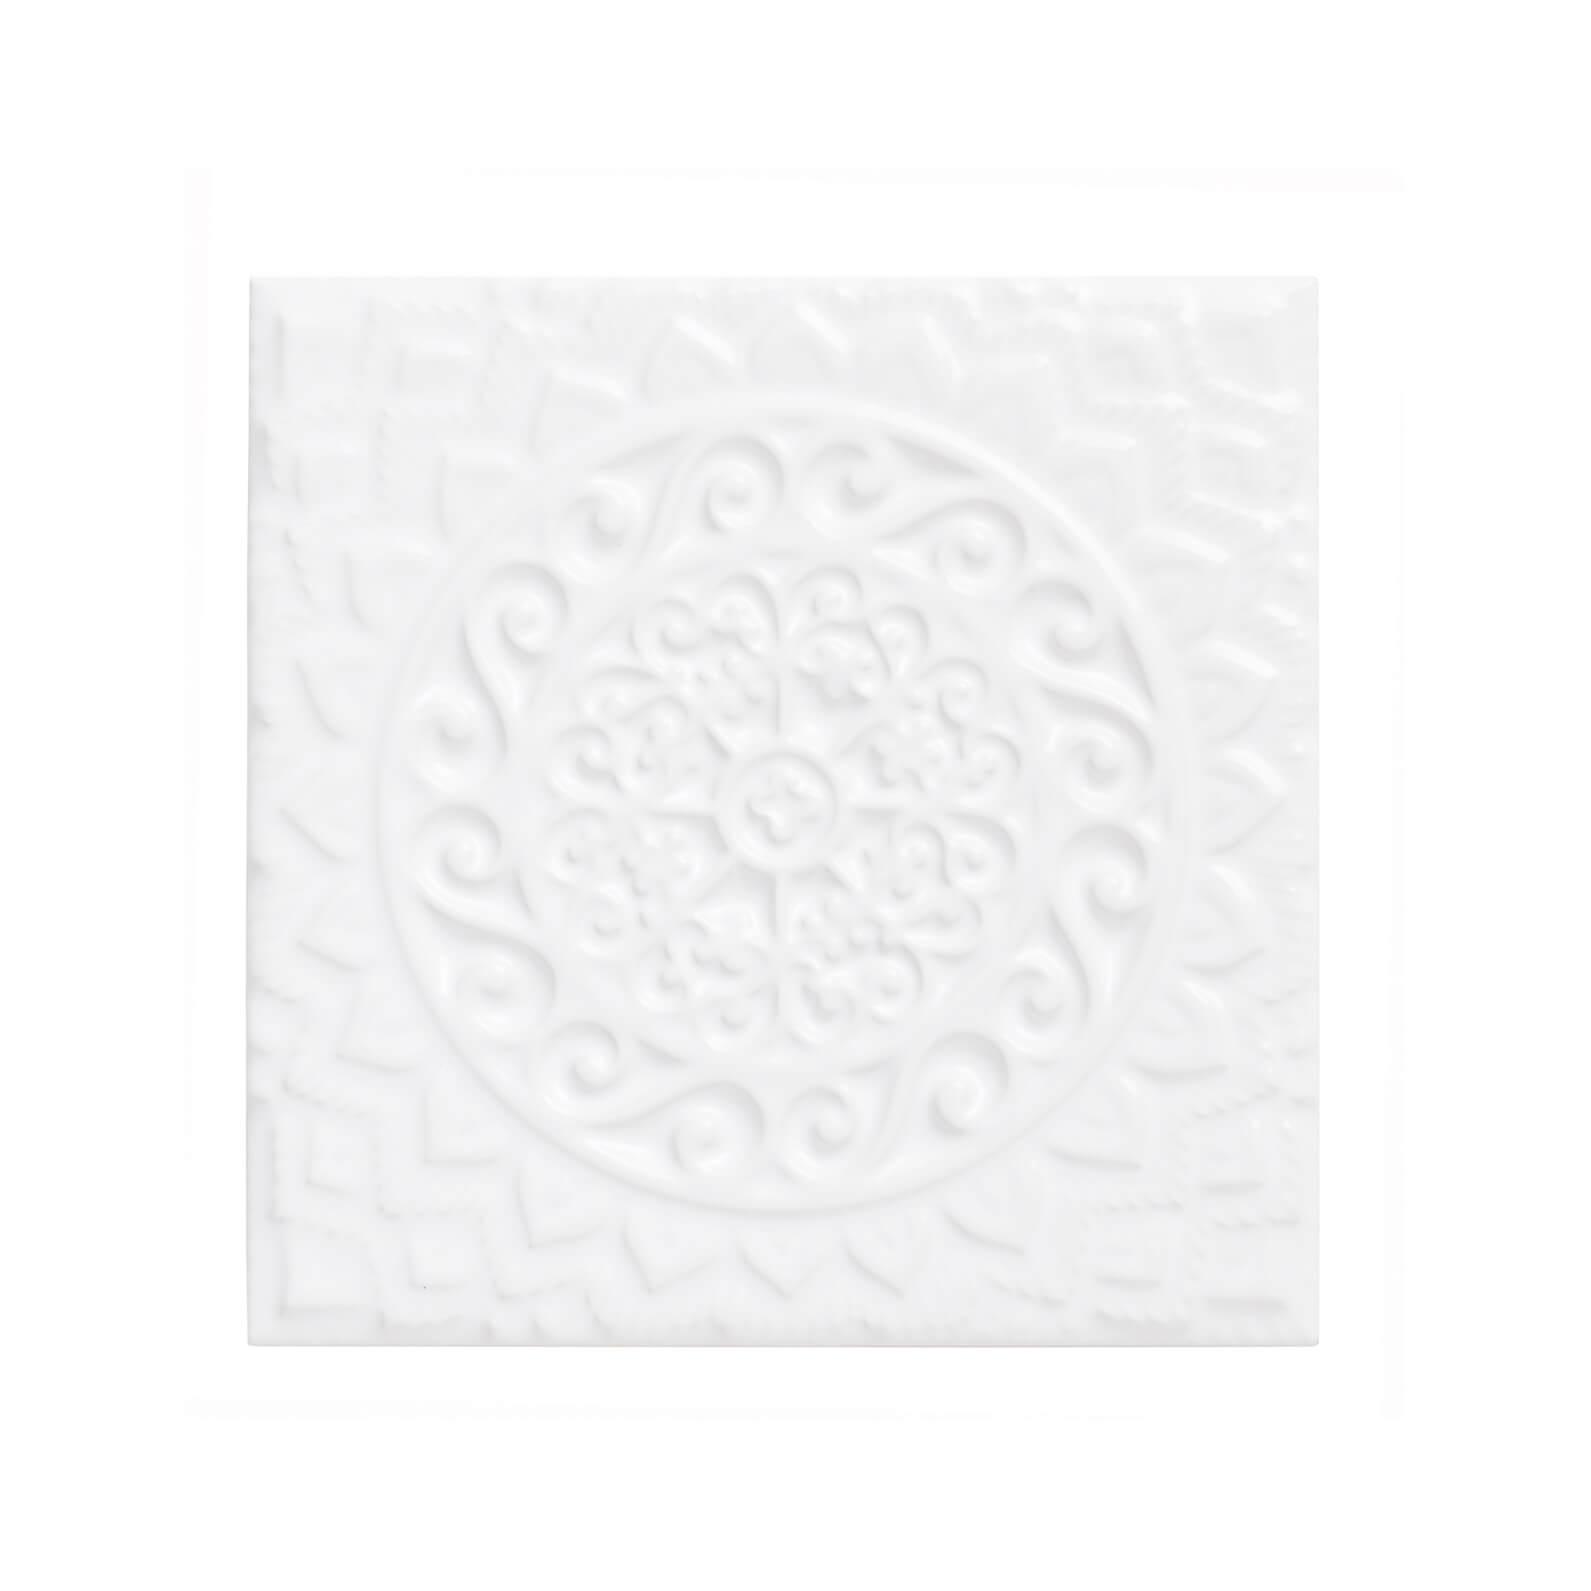 ADST4074 - RELIEVE MANDALA UNIVERSE - 14.8 cm X 14.8 cm